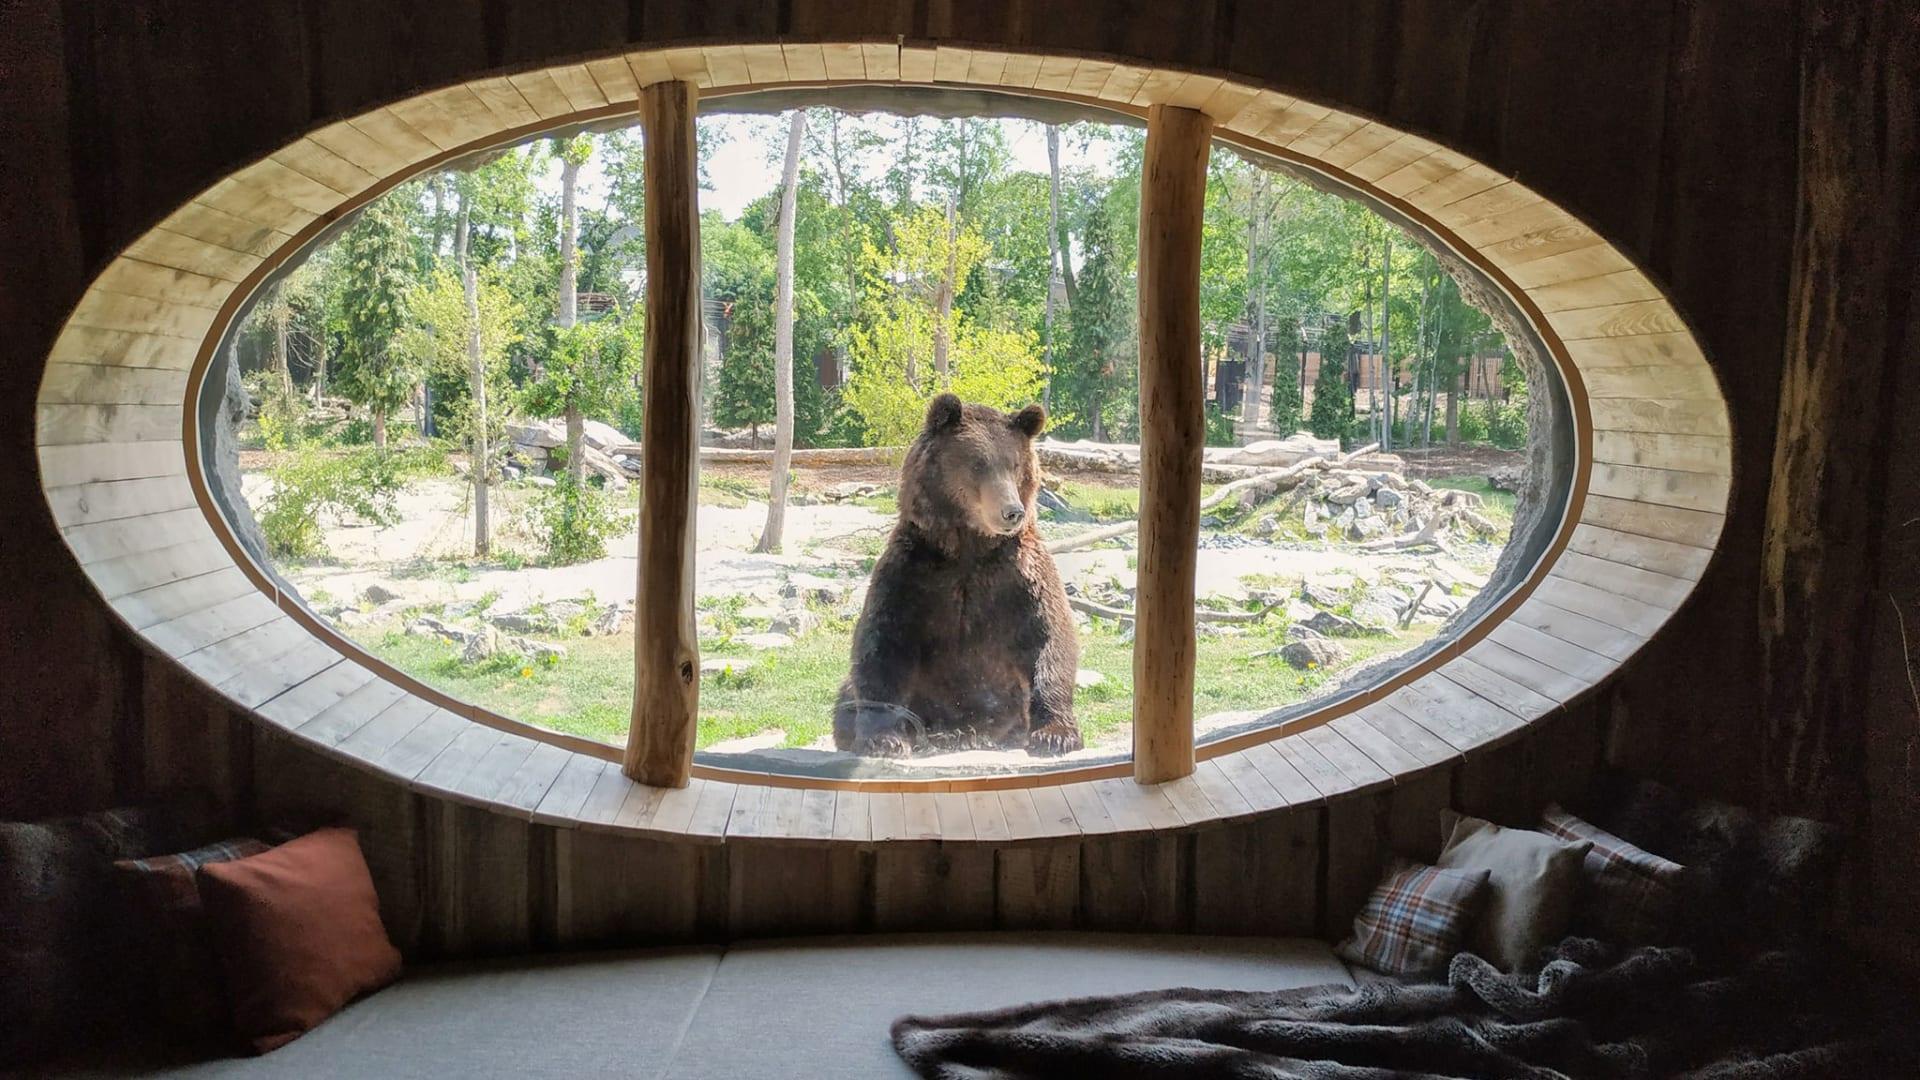 ترغب بغرفة بإطلالة مميزة؟ يوفر هذا المنتجع غرف تطل على حديقة حيوانات